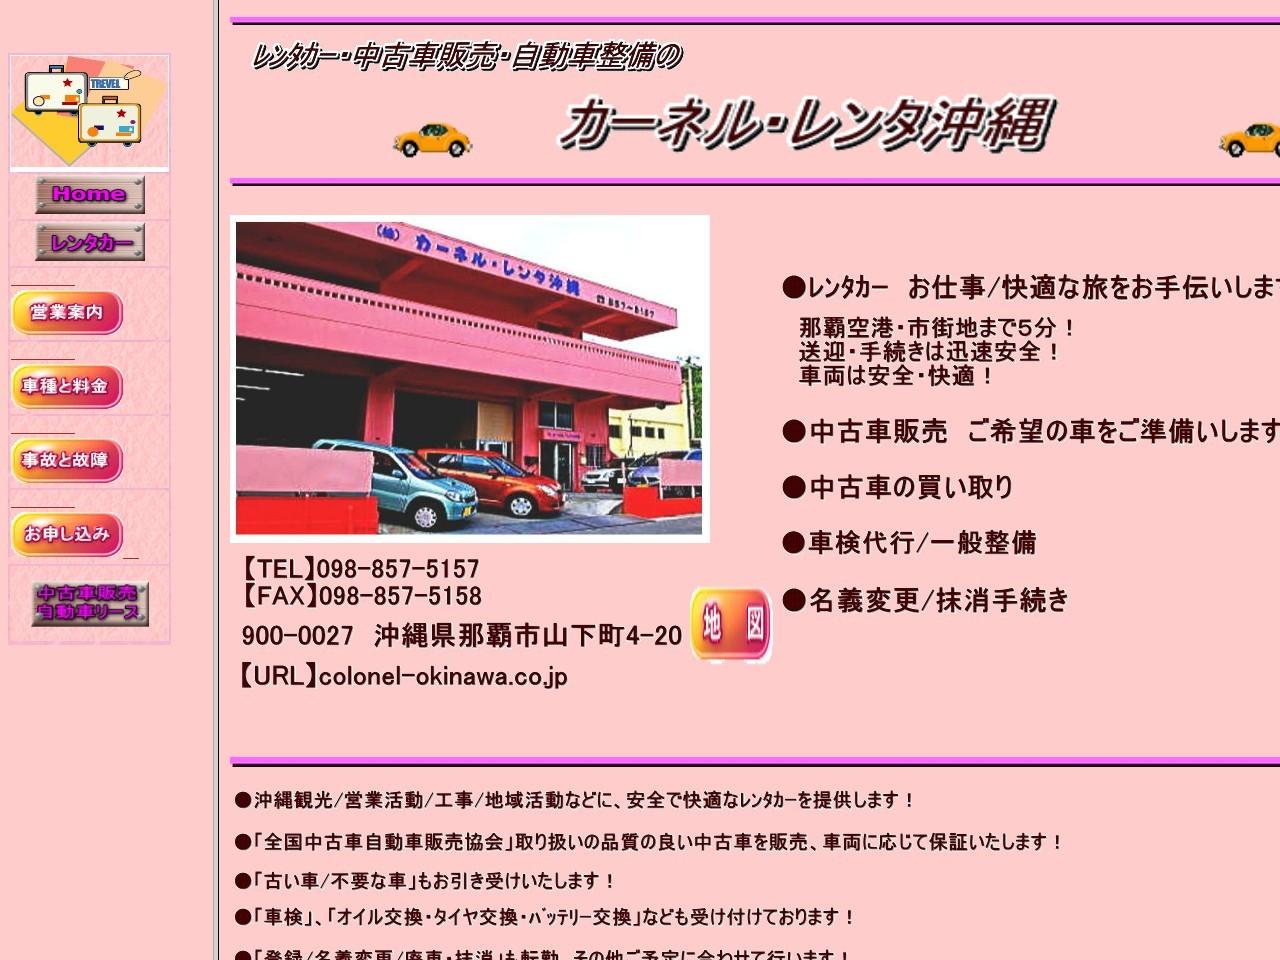 株式会社カーネル・レンタ沖縄